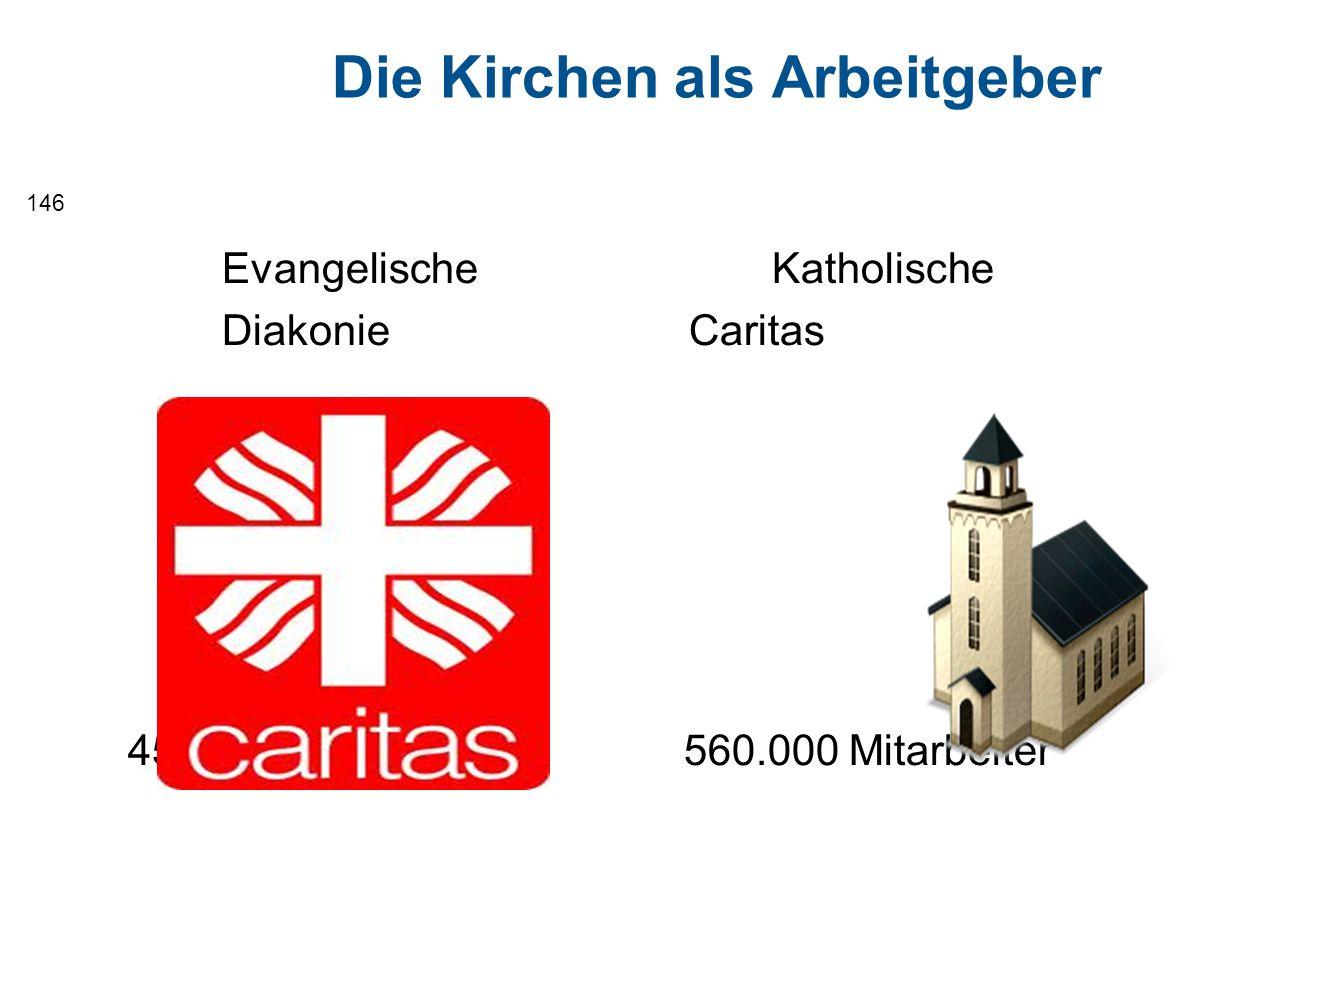 Die Kirchen als Arbeitgeber